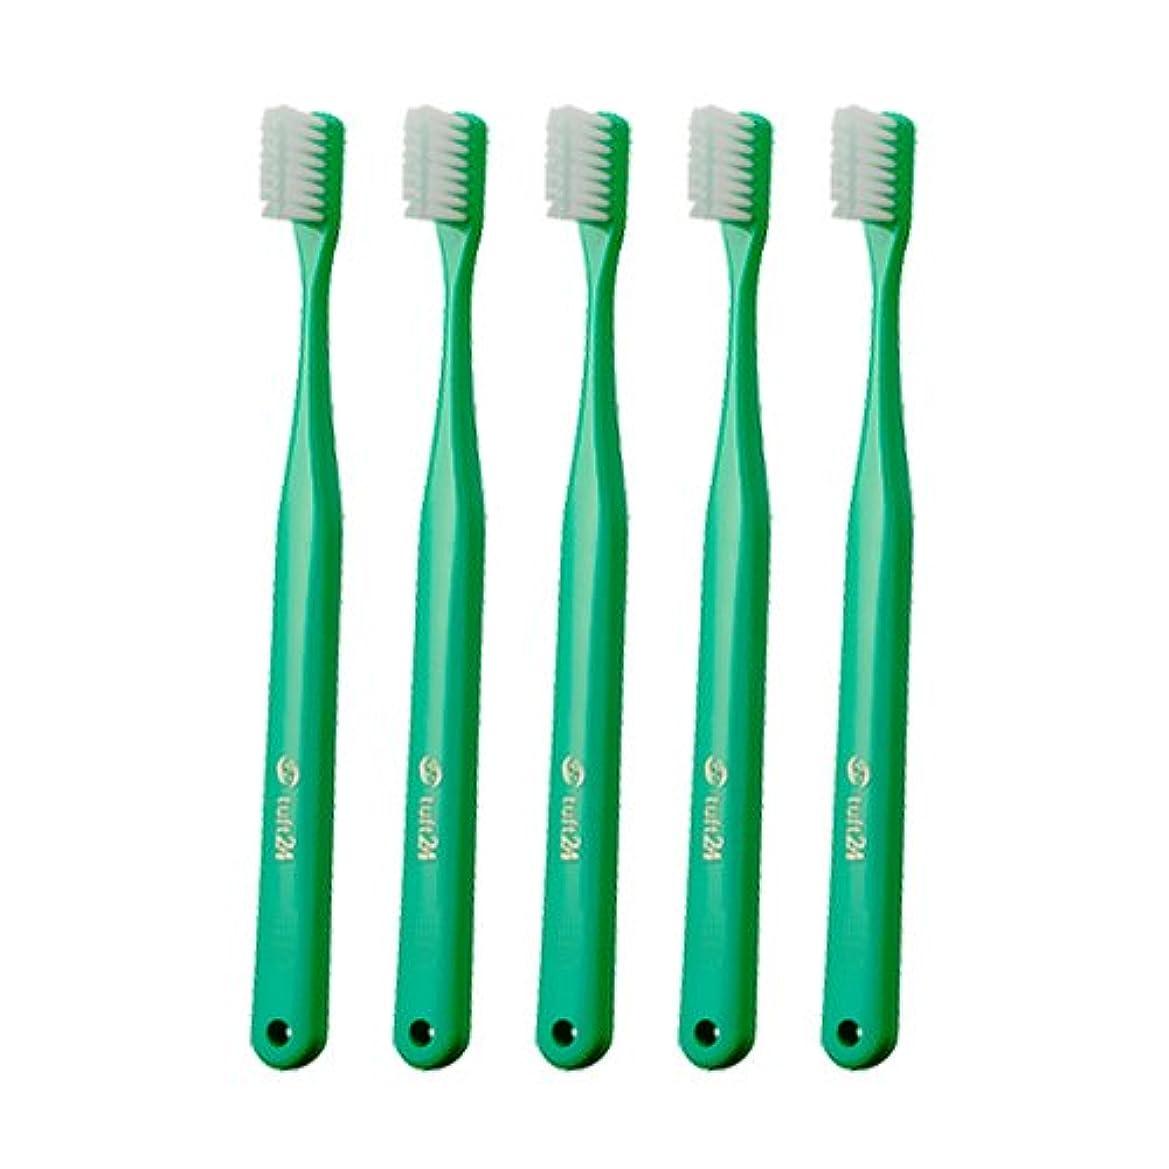 十分ではないハント解釈的キャップなし タフト24 歯ブラシ × 25本入 M グリーン